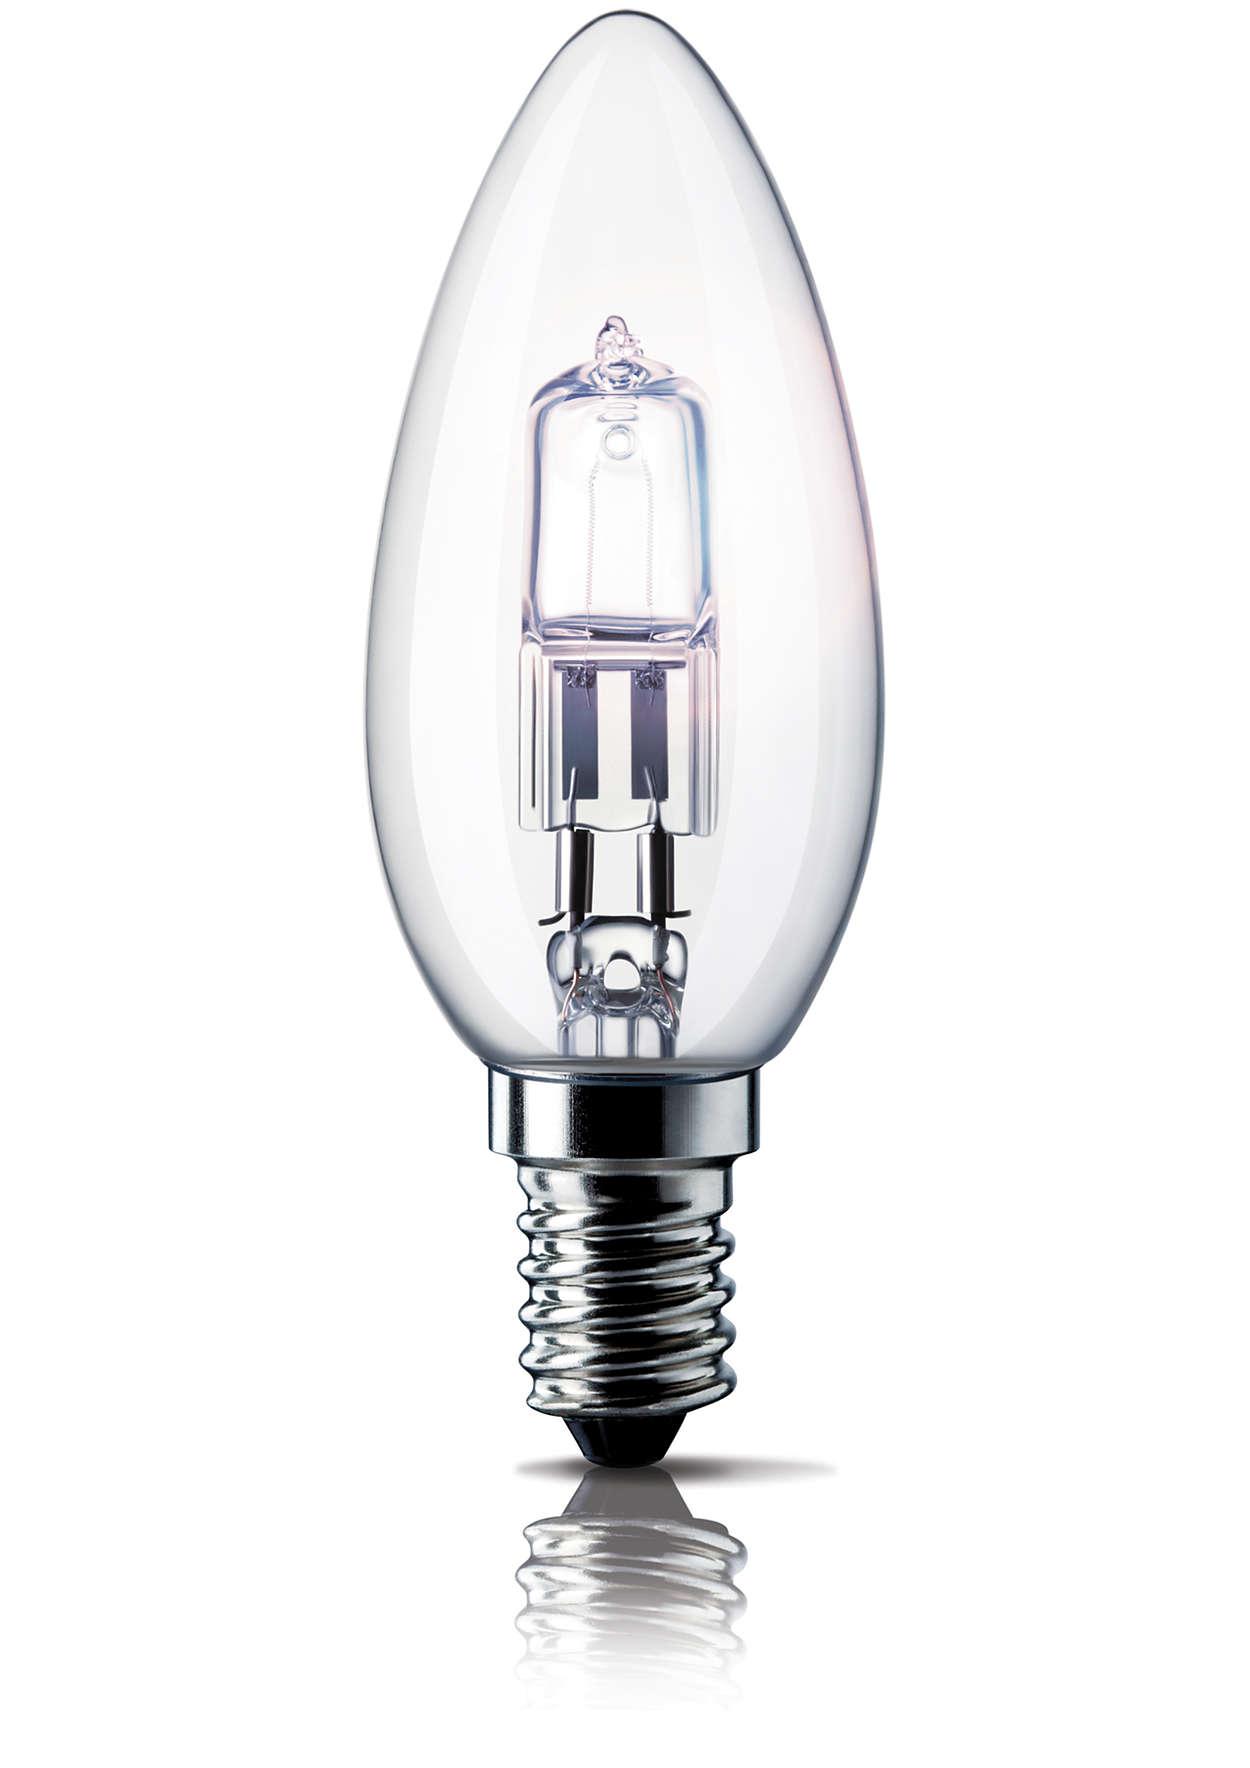 El complemento perfecto para lámparas decorativas